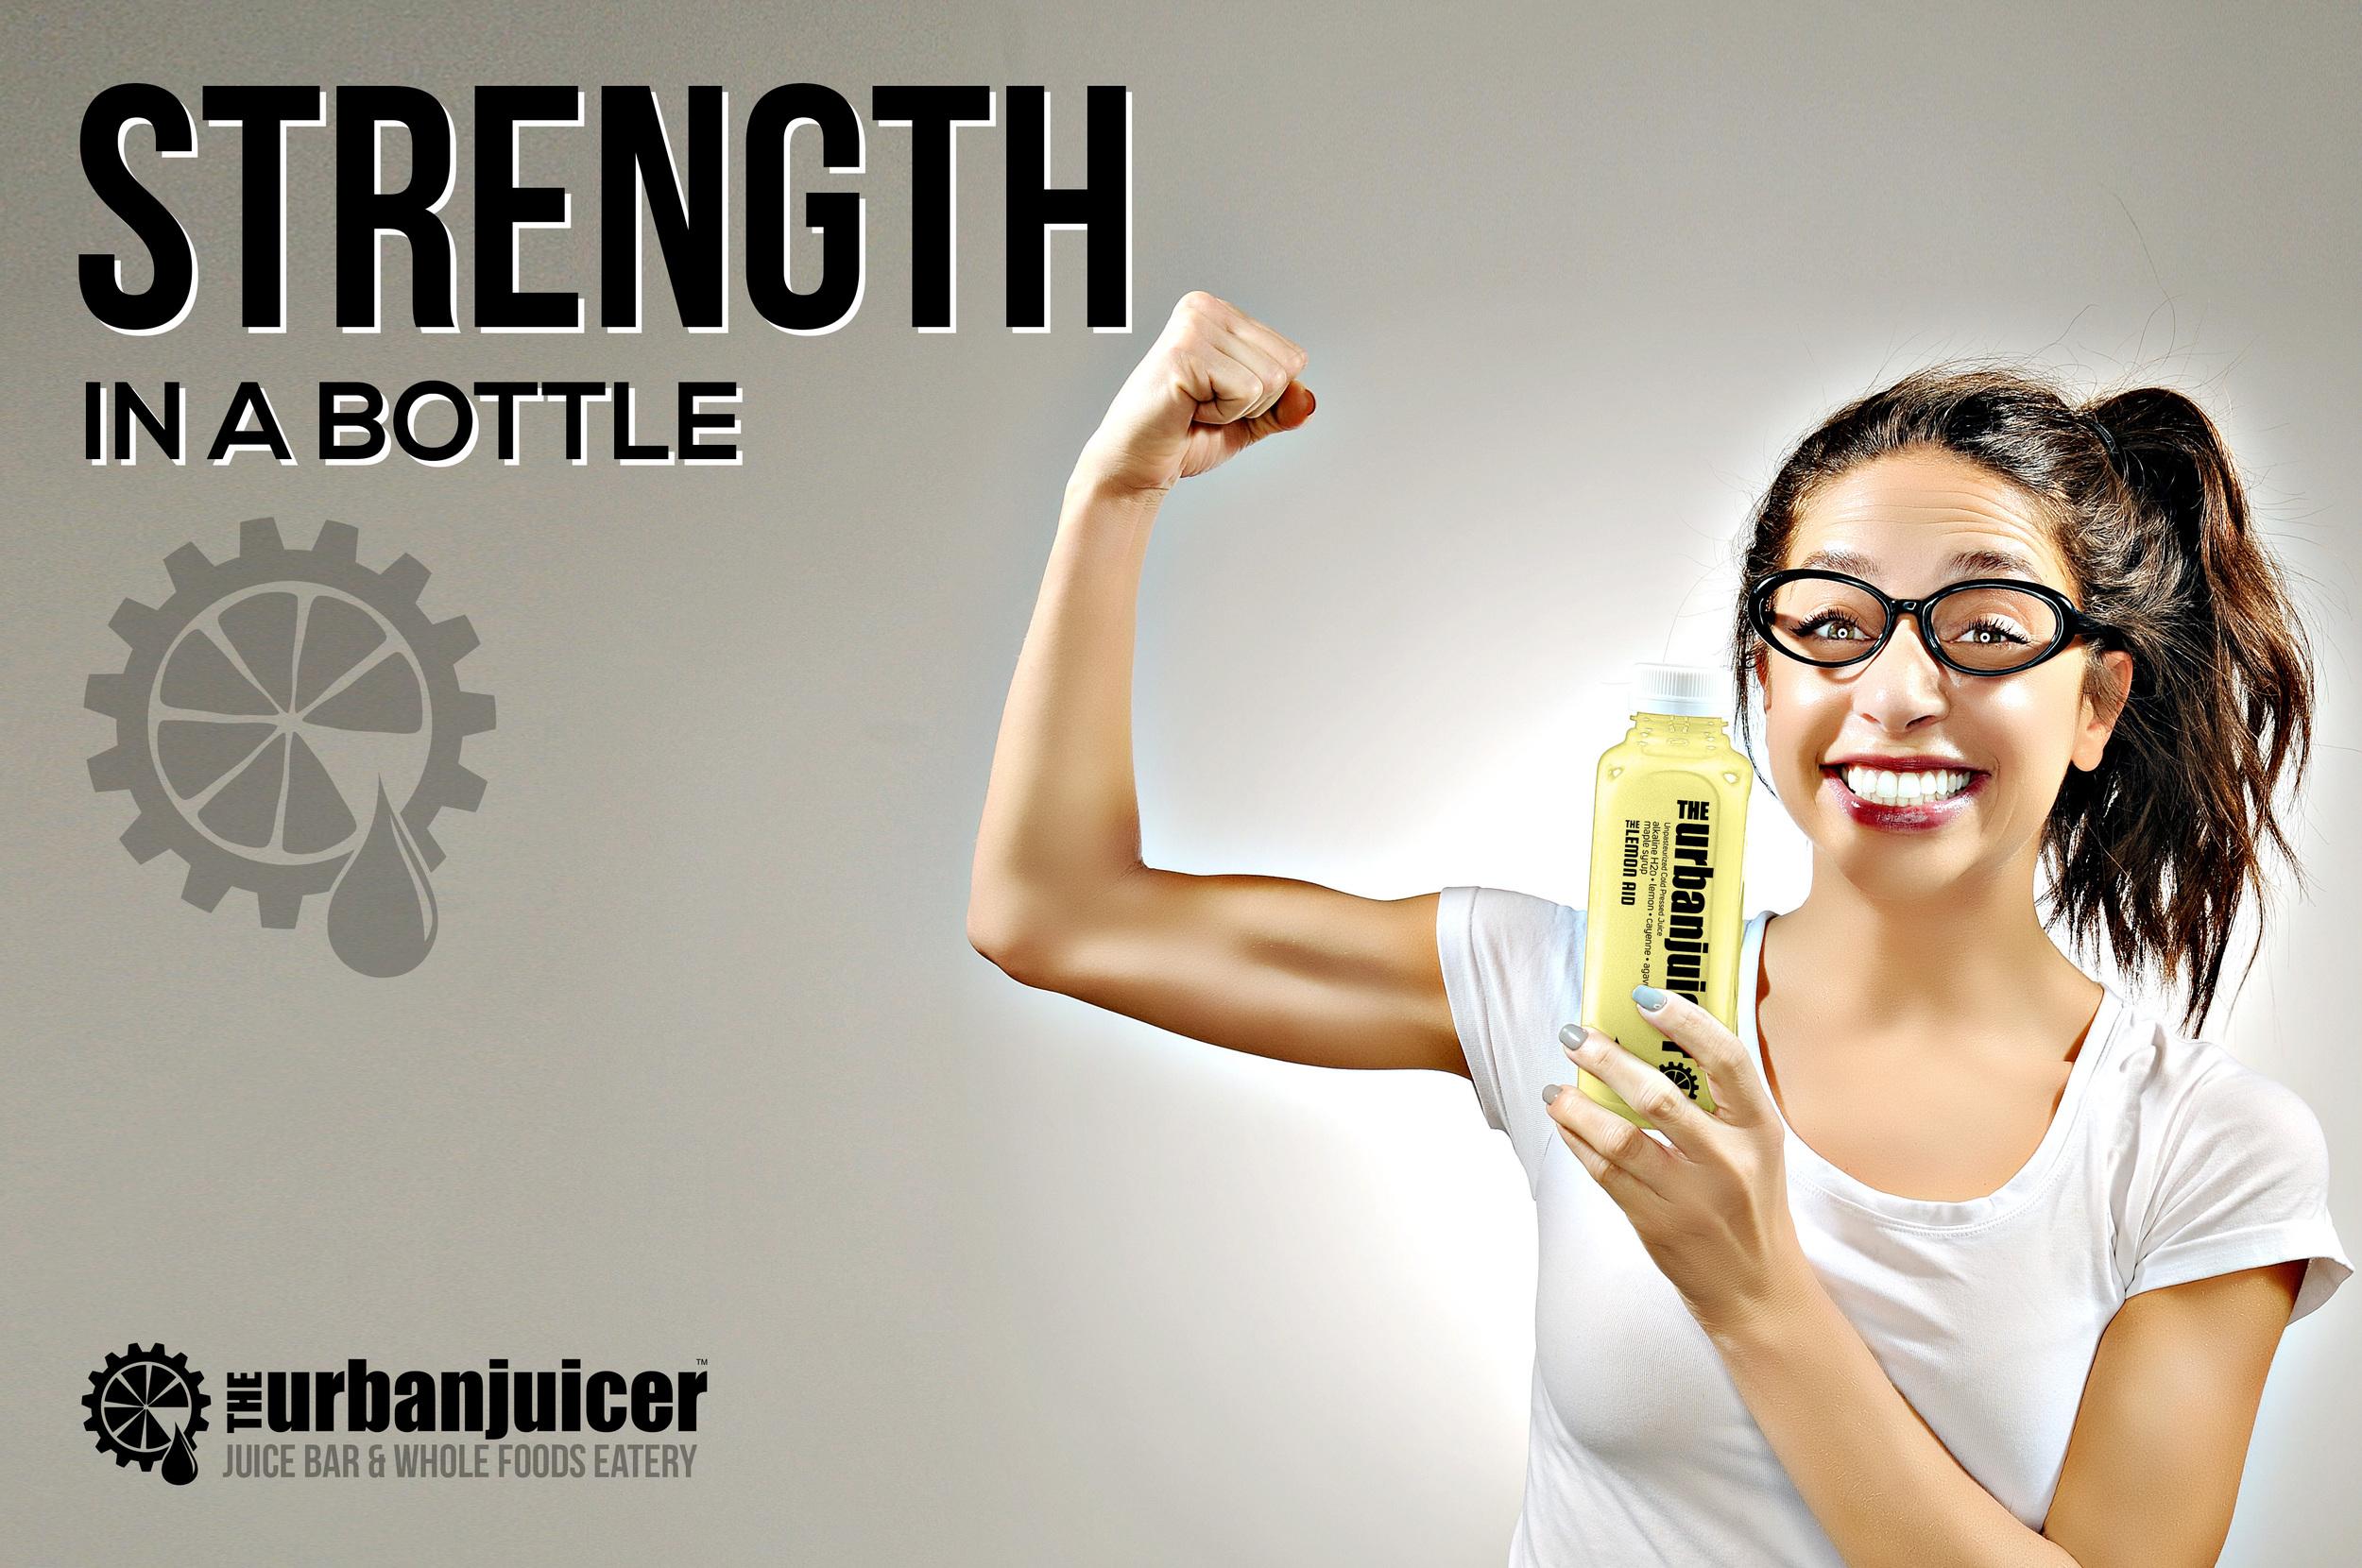 Lindsay-Lemon-Aid-White-BG-Strength.jpg